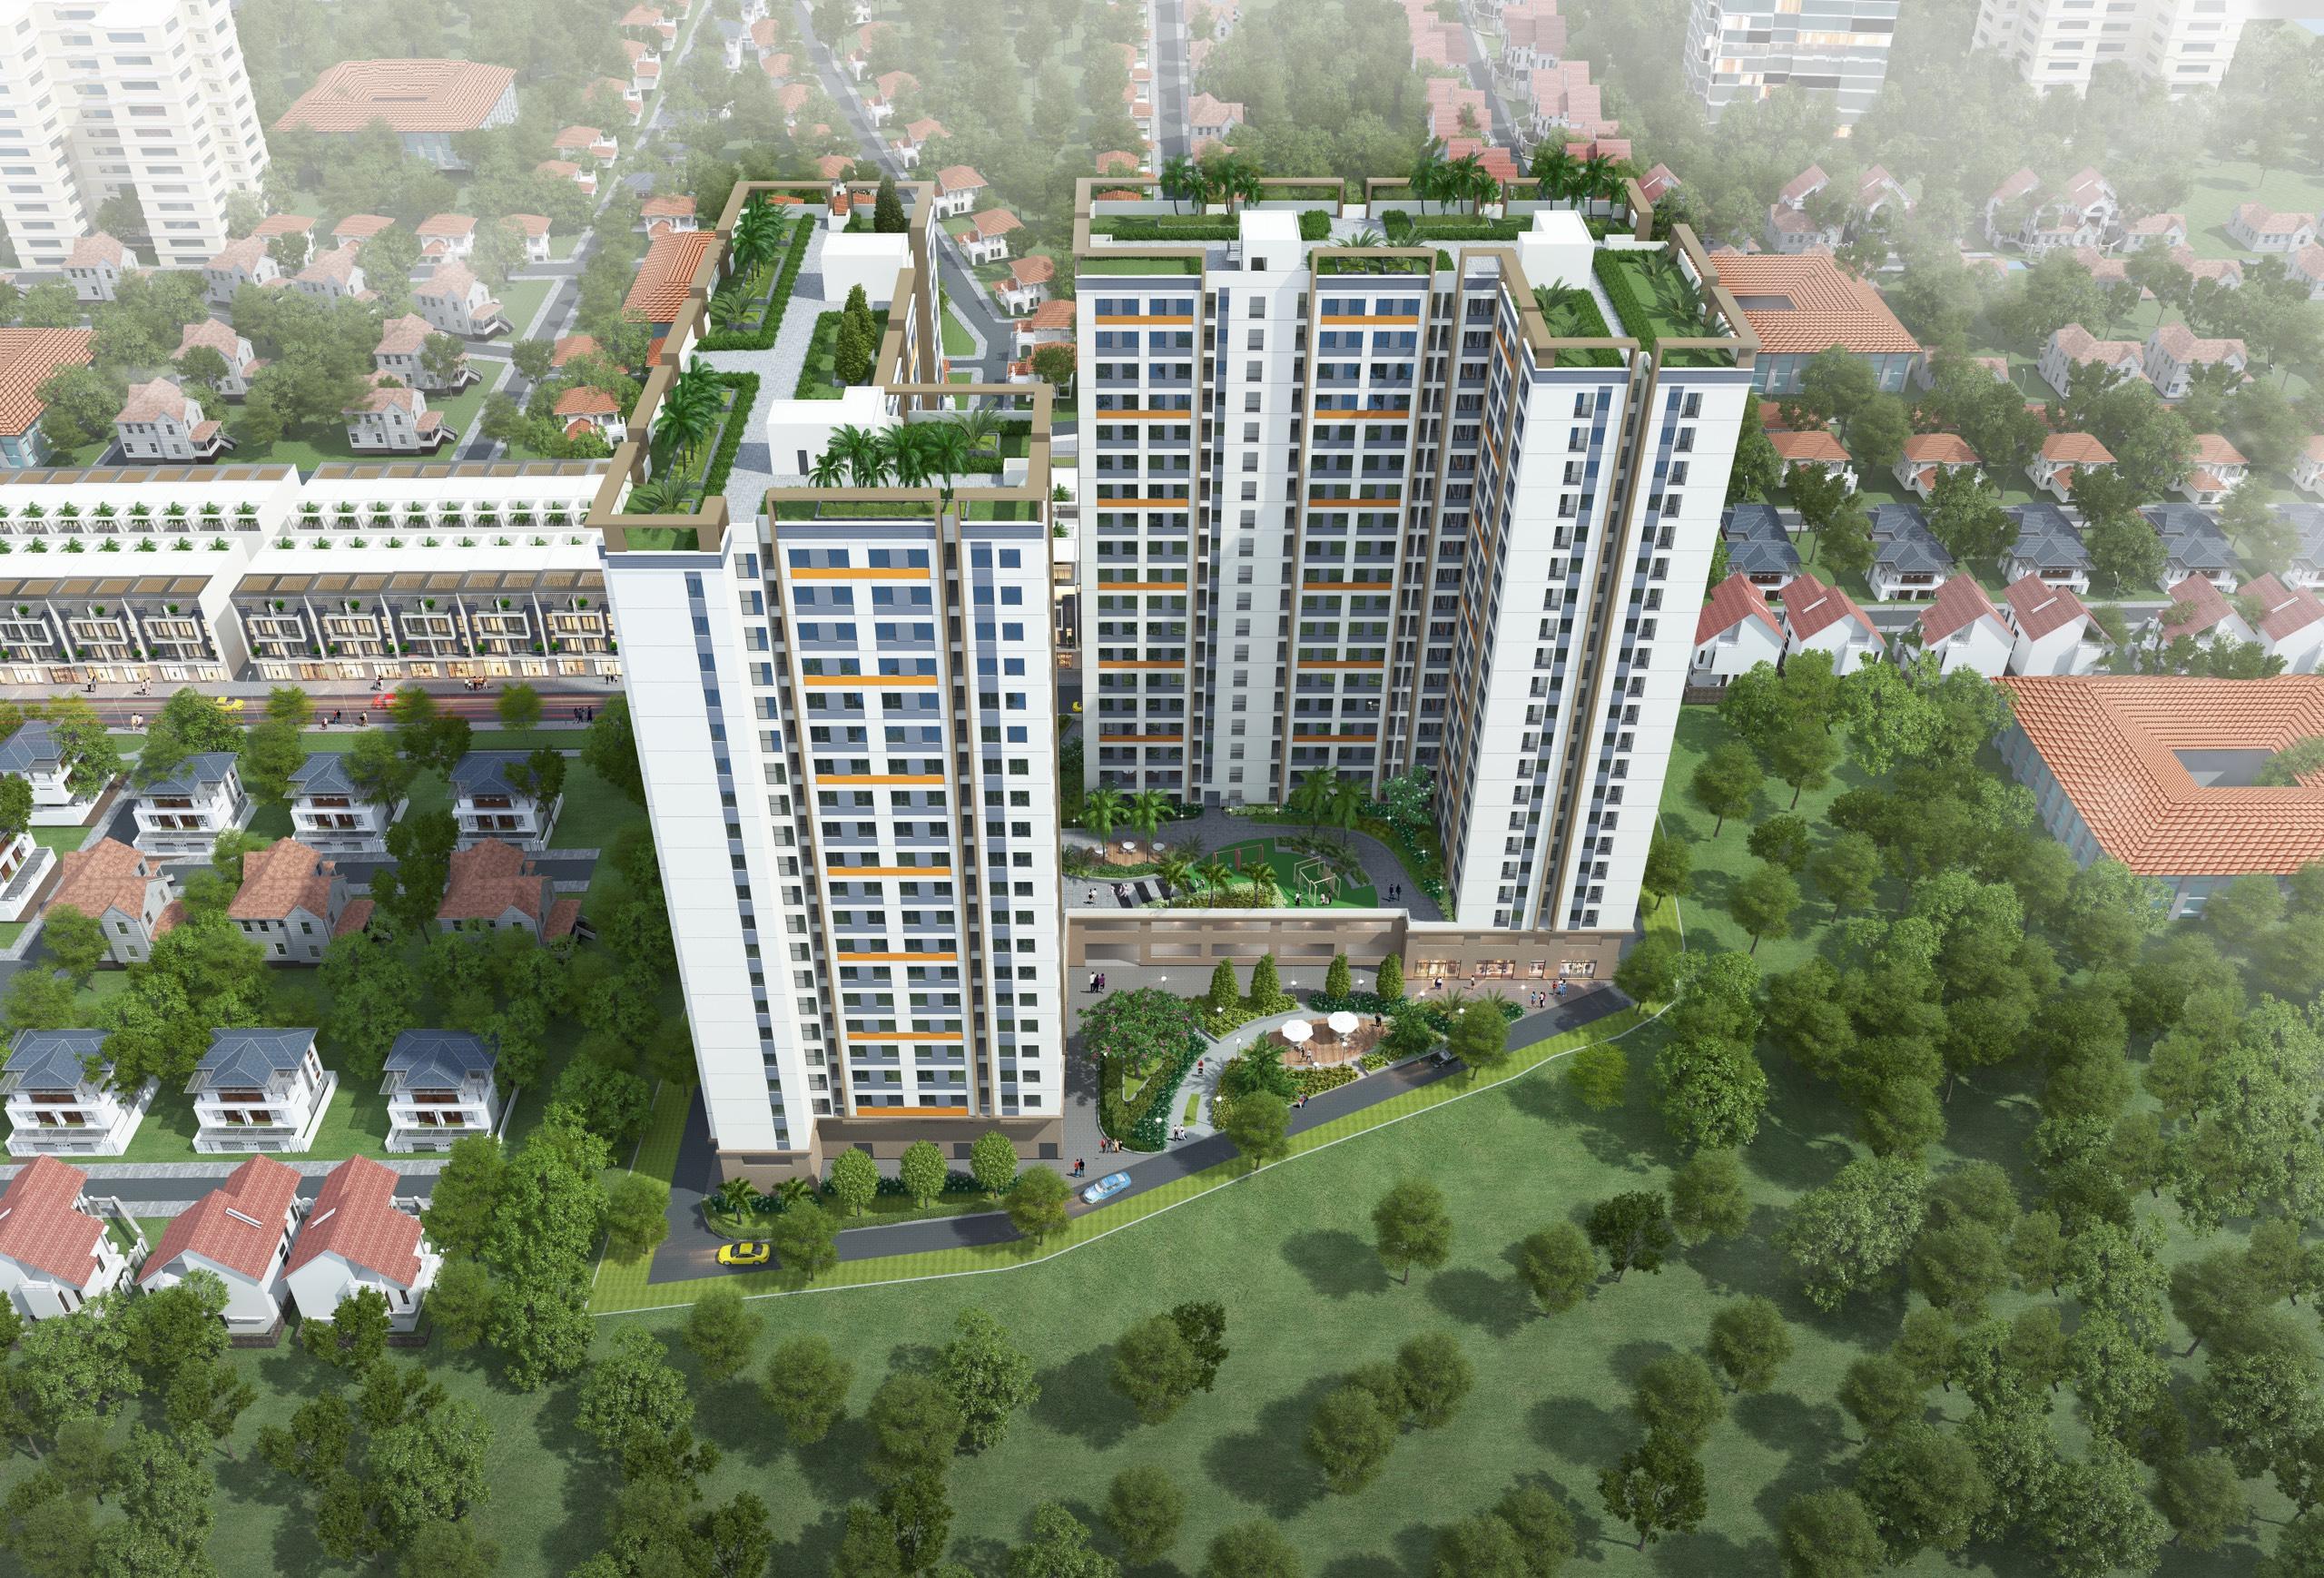 Dự án NƠXH Bông Hồng cao 22 tầng dự kiến khởi công trong quý II/2021 - Ảnh 1.